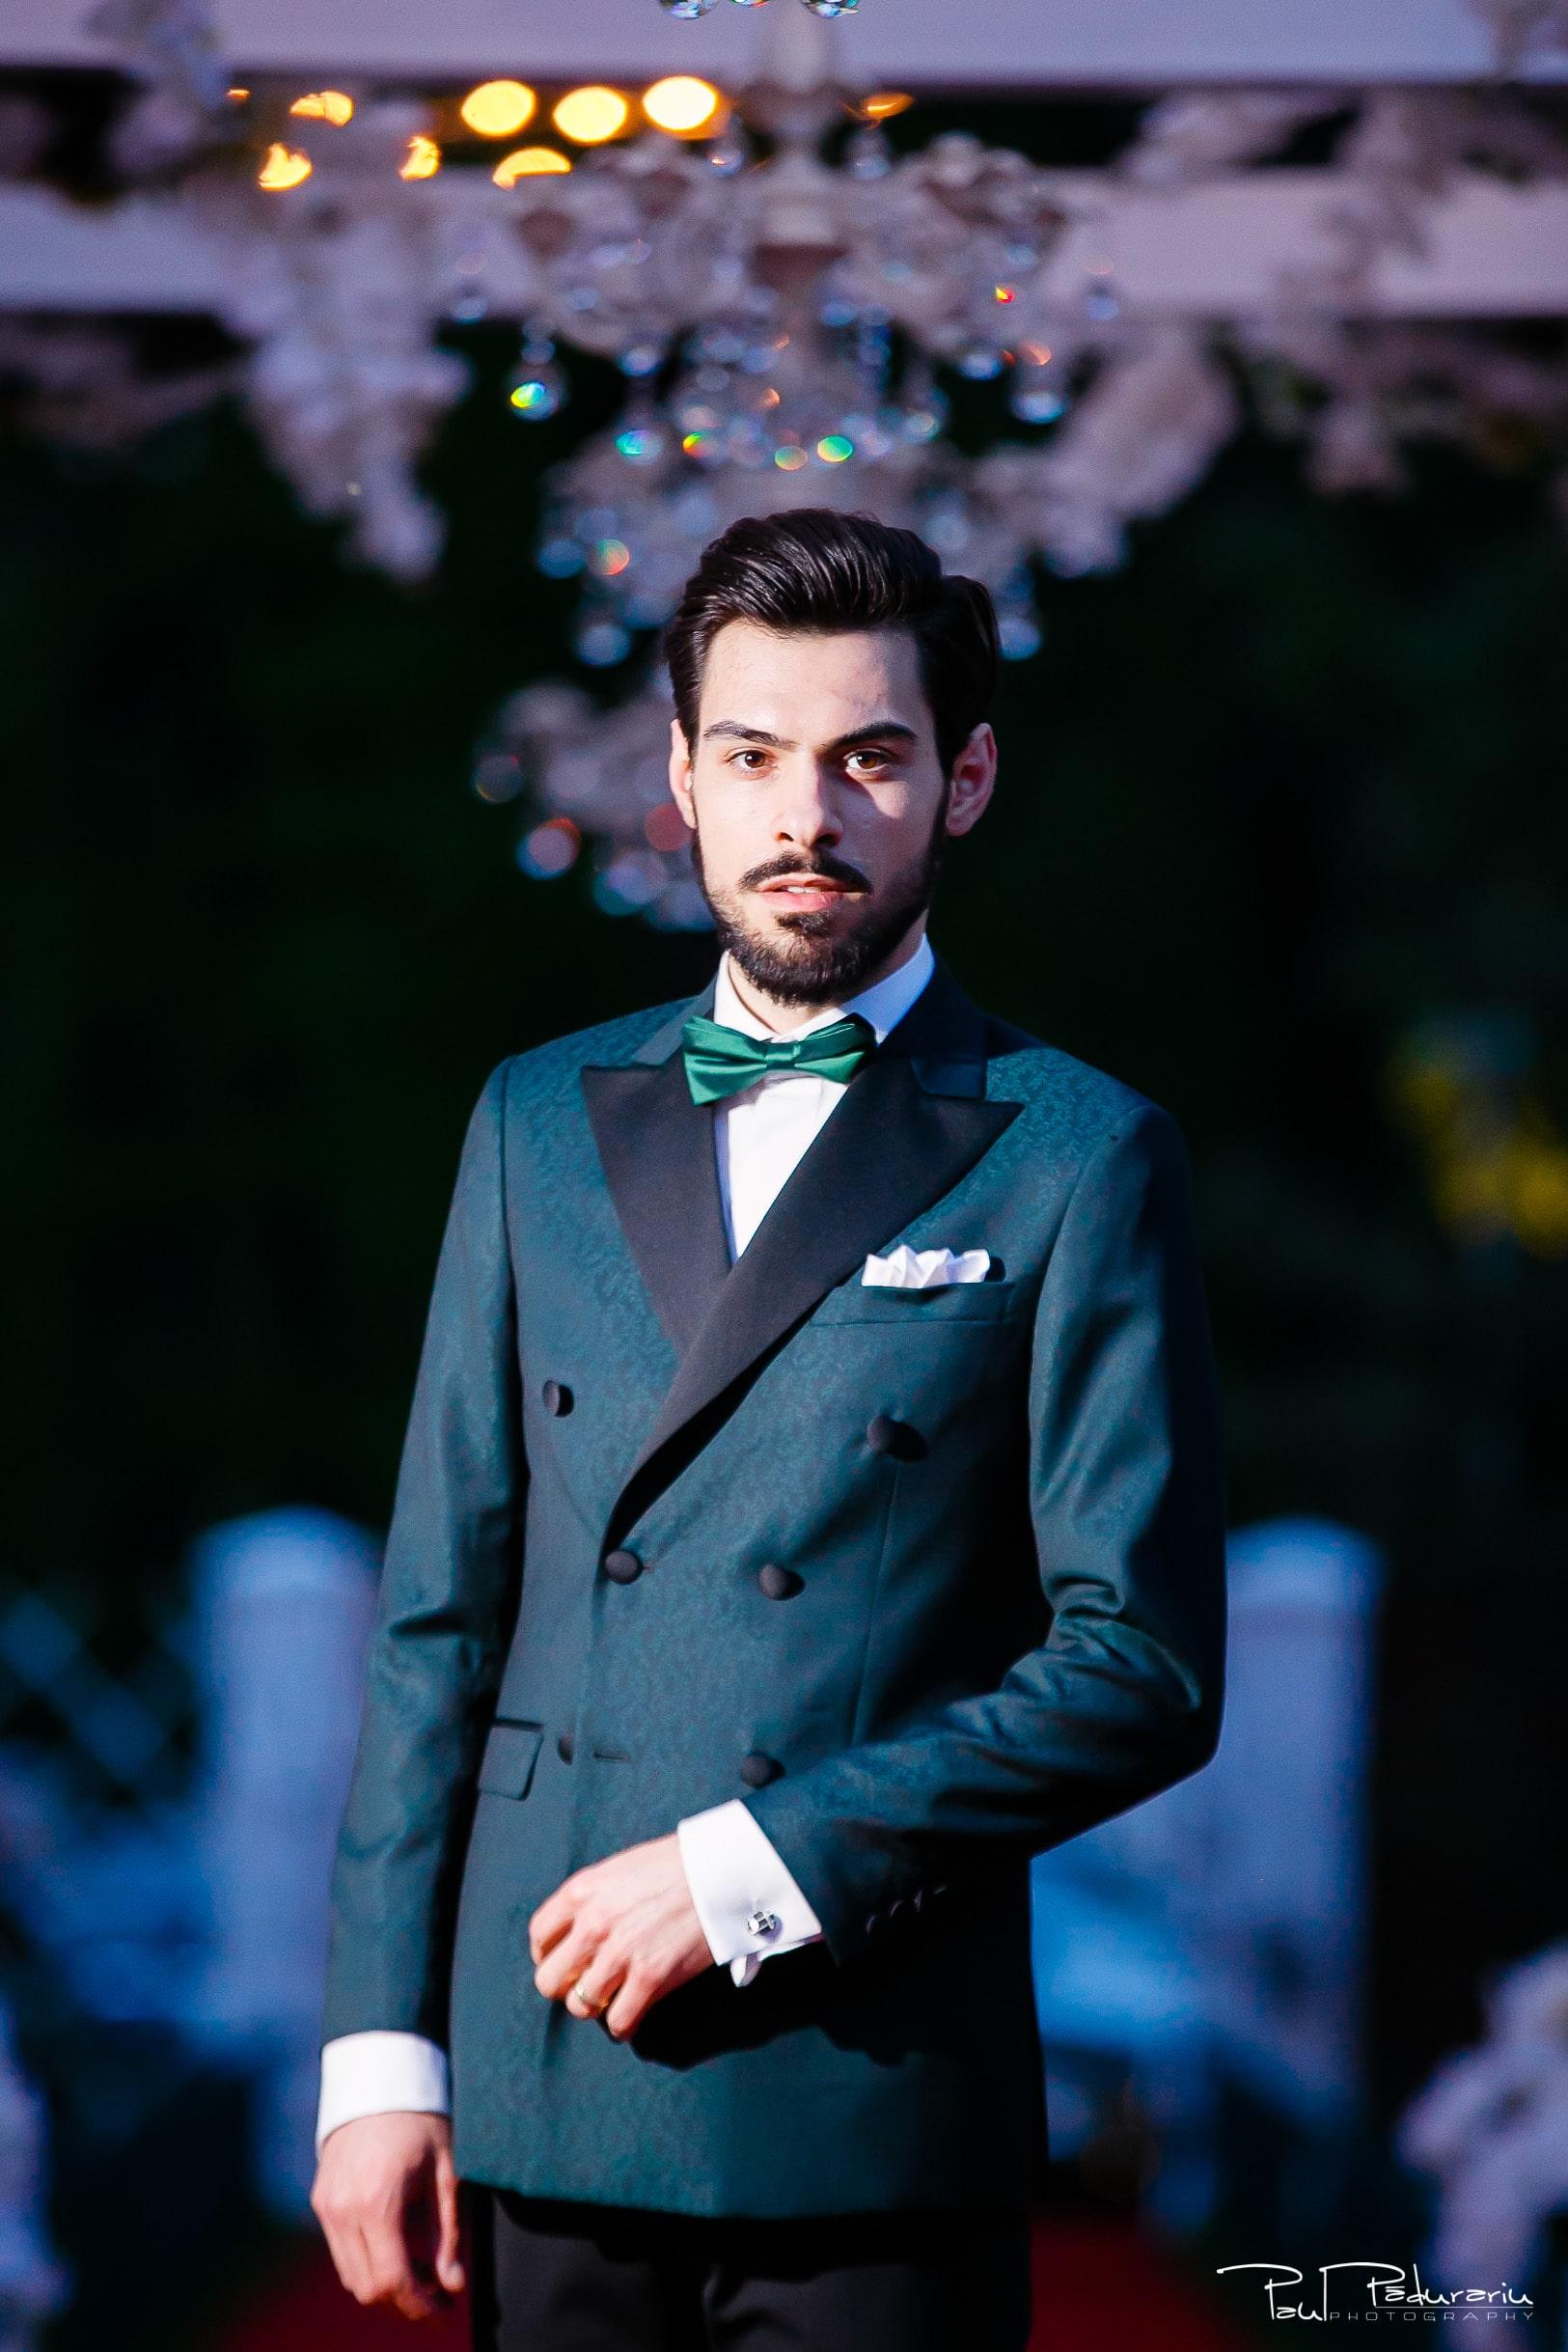 Nunta de proba Elysium Iasi 2019 paul padurariu fotograf nunta Iasi 77